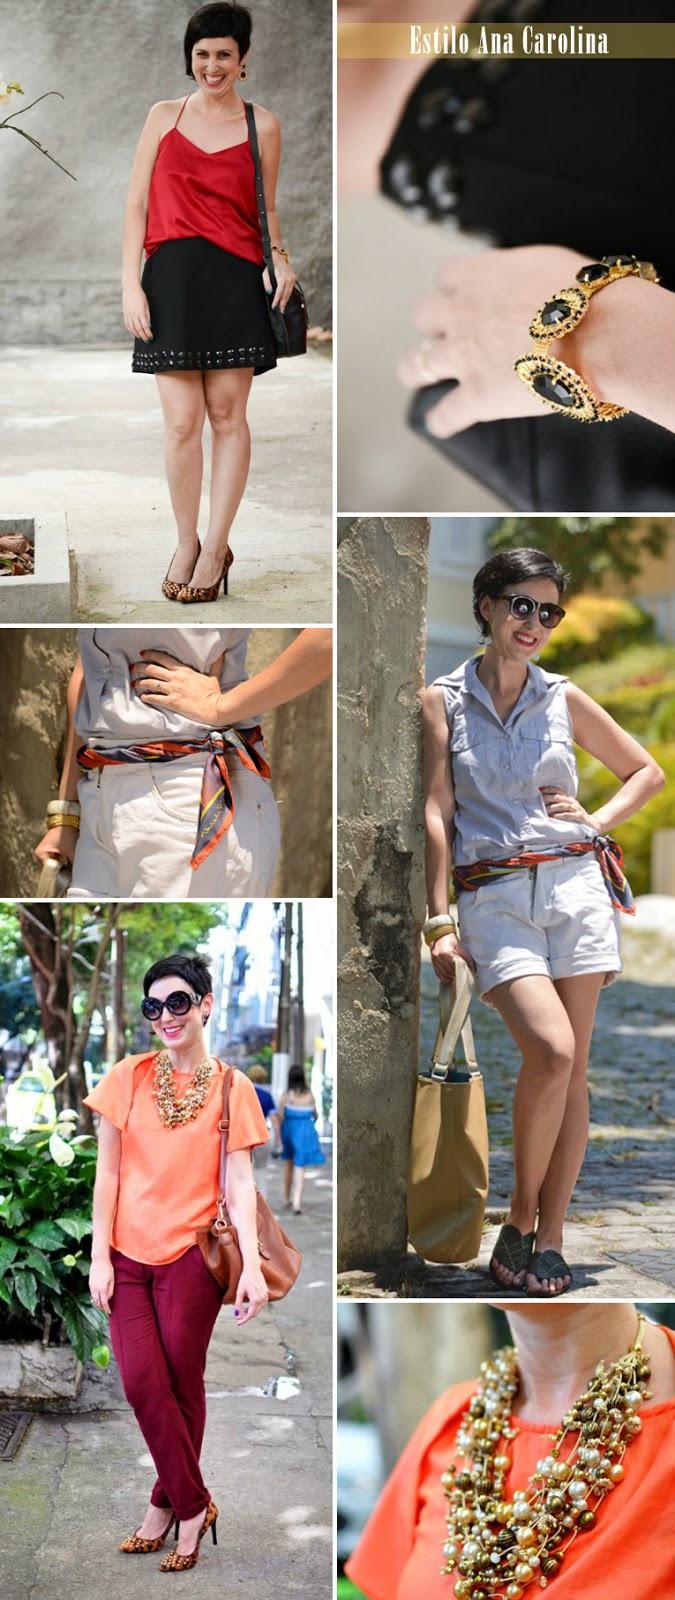 Hoje Vou Assim OFF, blogueira, blogger, inspiração, look, moda, fashion, estilo, ela tem estilo, style